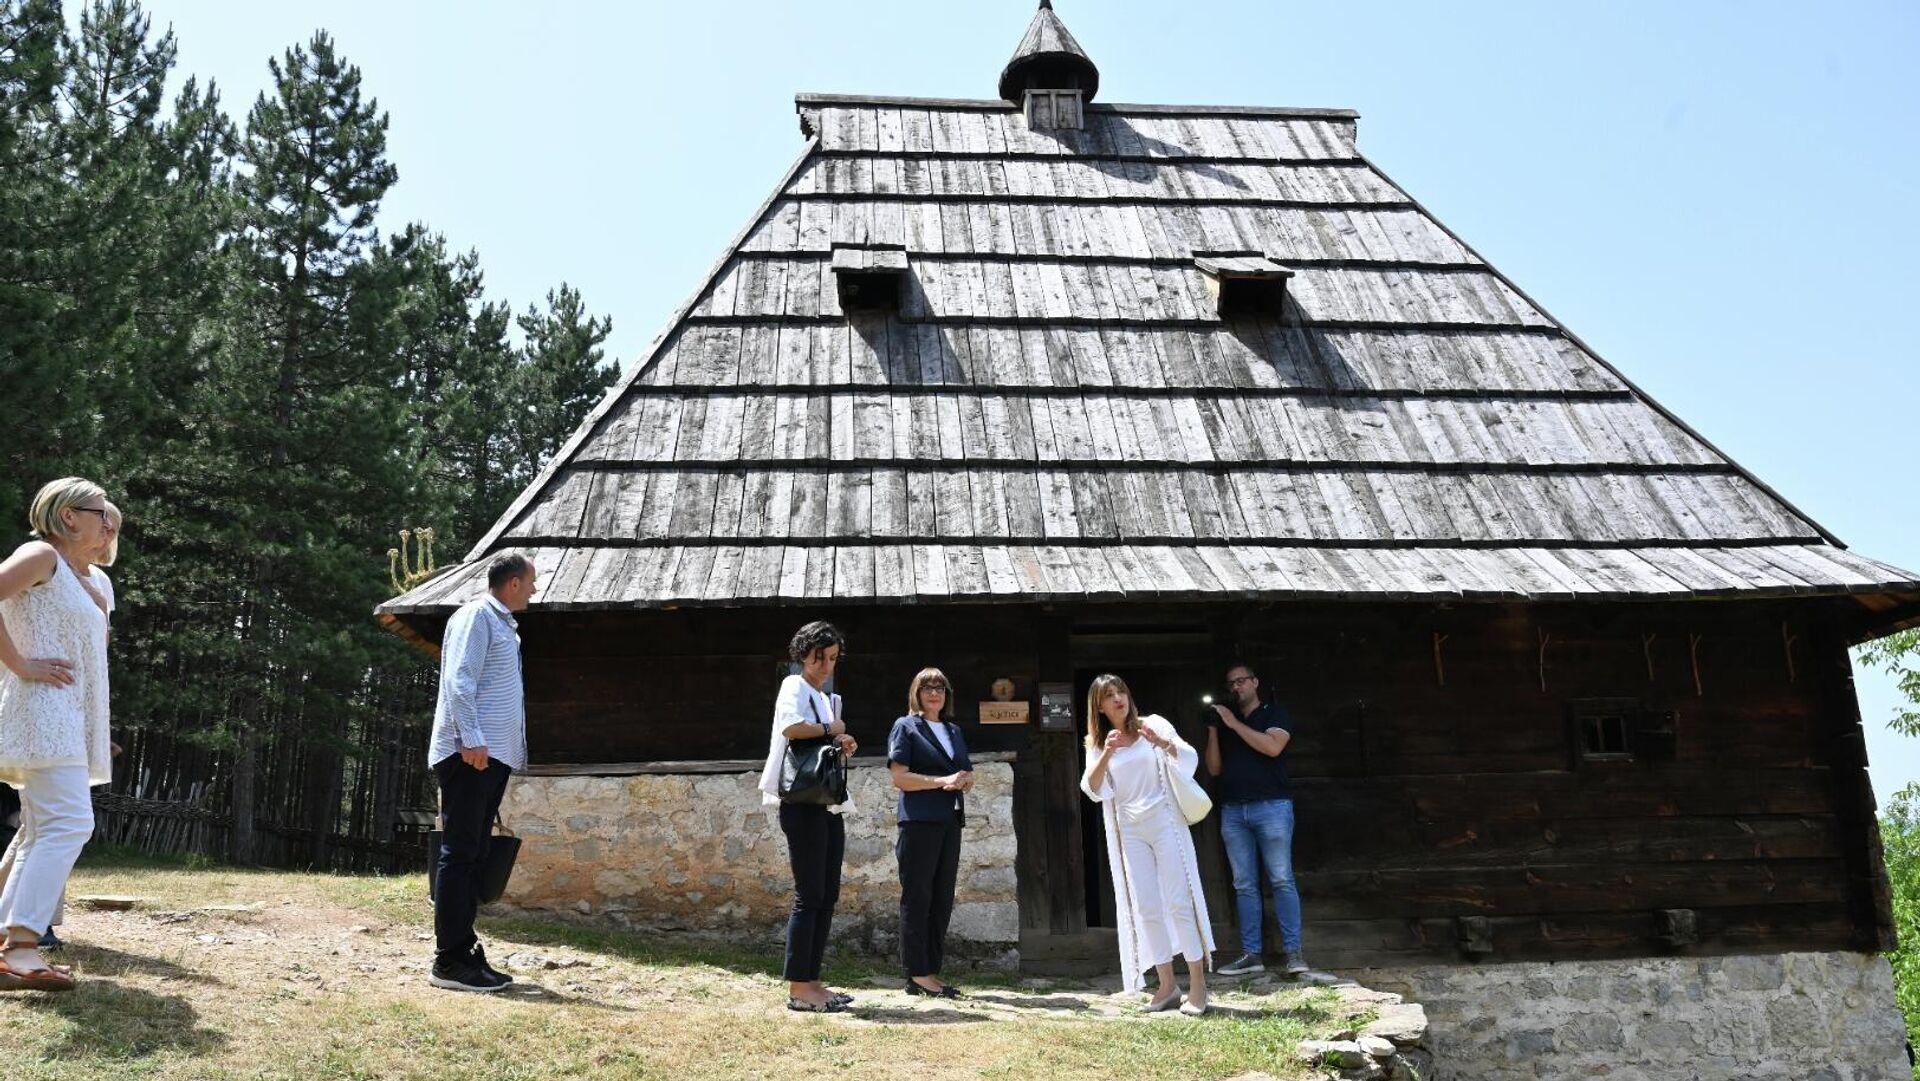 Музеј на отвореном Старо село у Сирогојну. - Sputnik Србија, 1920, 22.07.2021